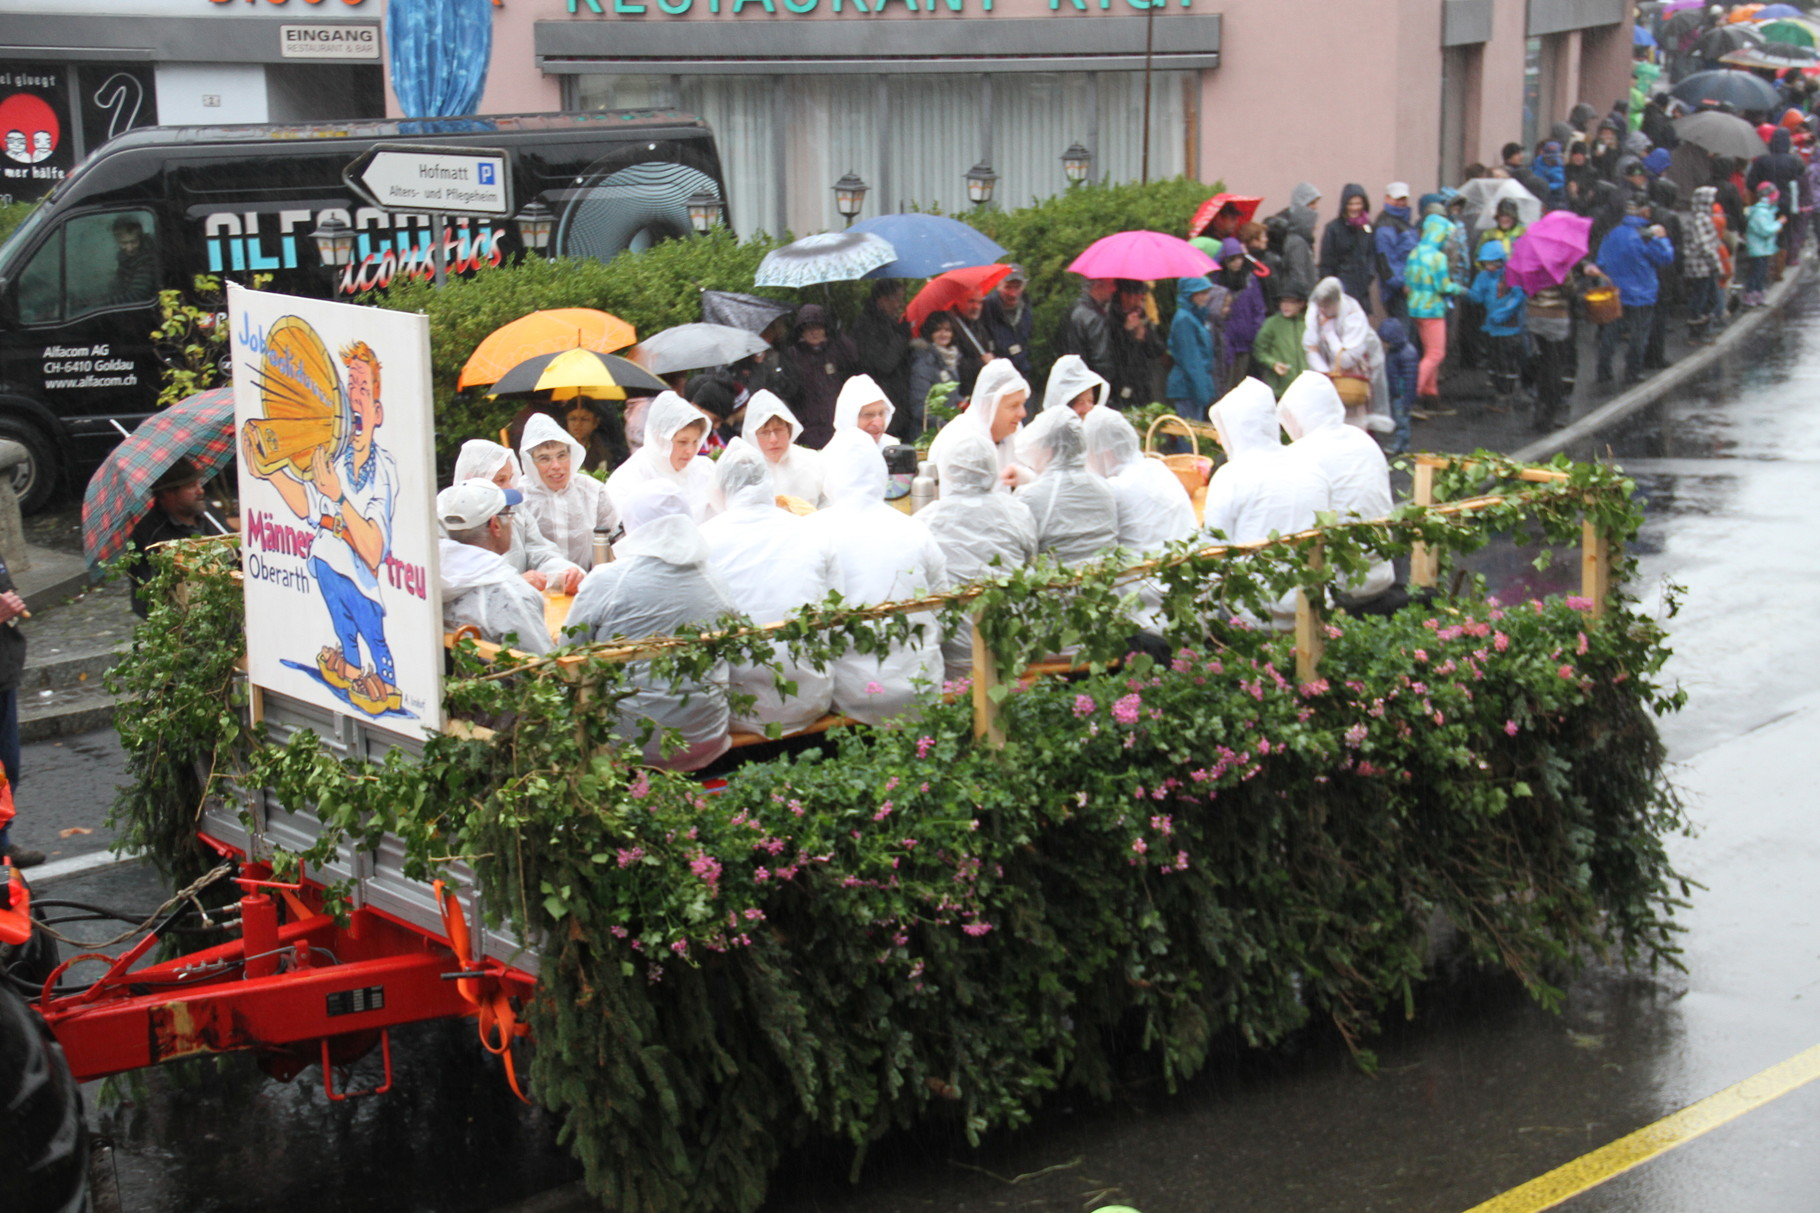 Trotz Hudelwetter waren erstaunlich viele Zuschauer am Strassenrand,